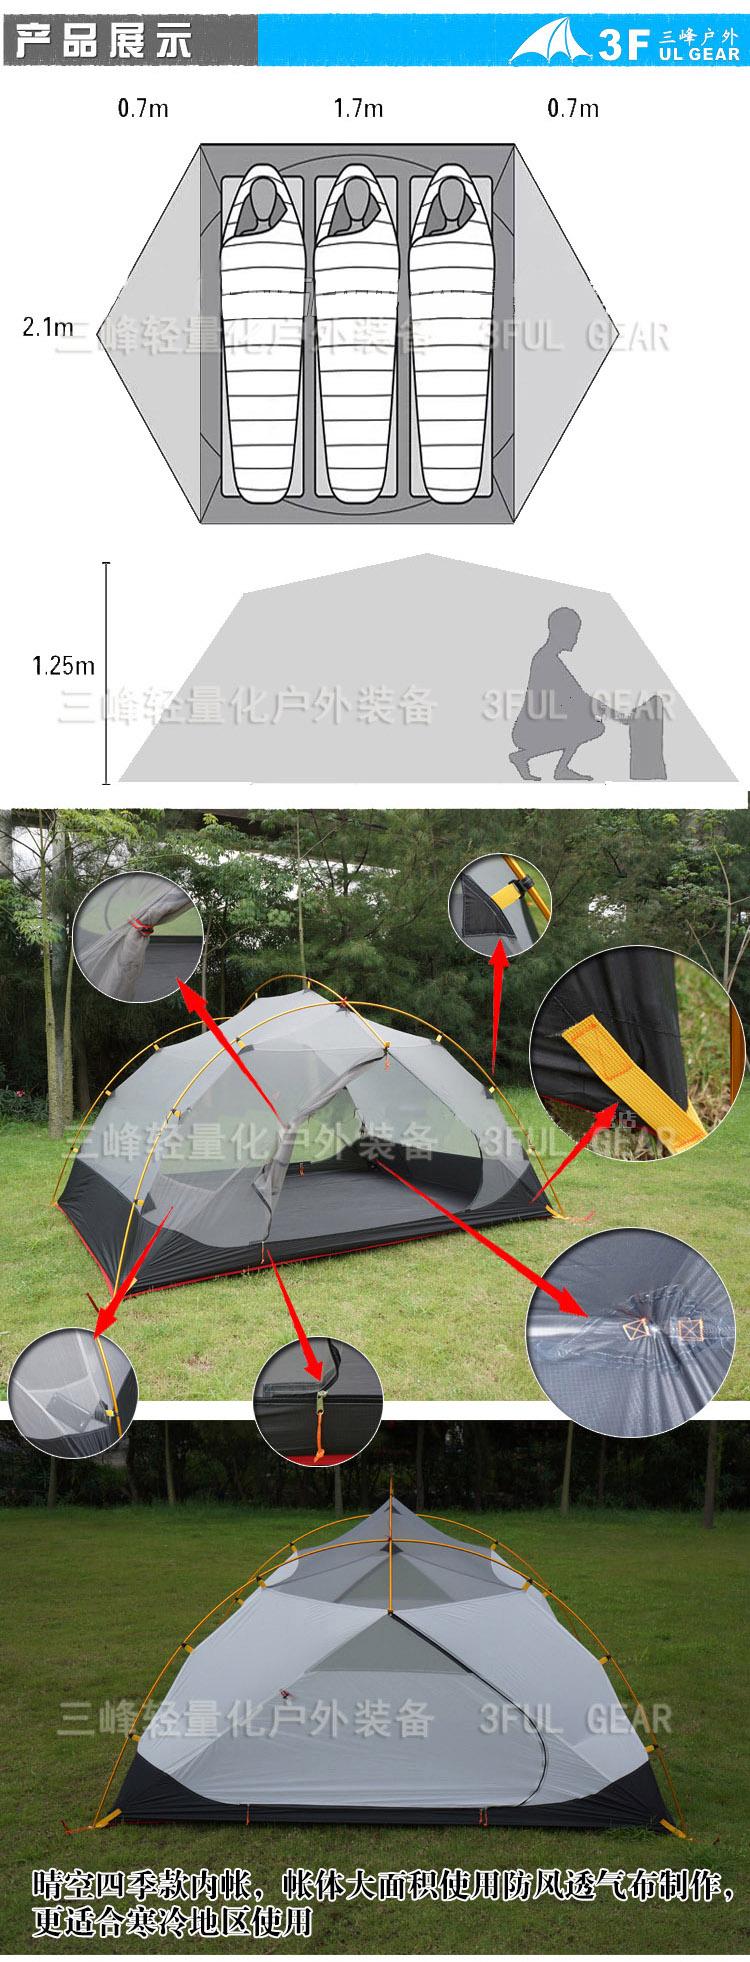 1-inner tent